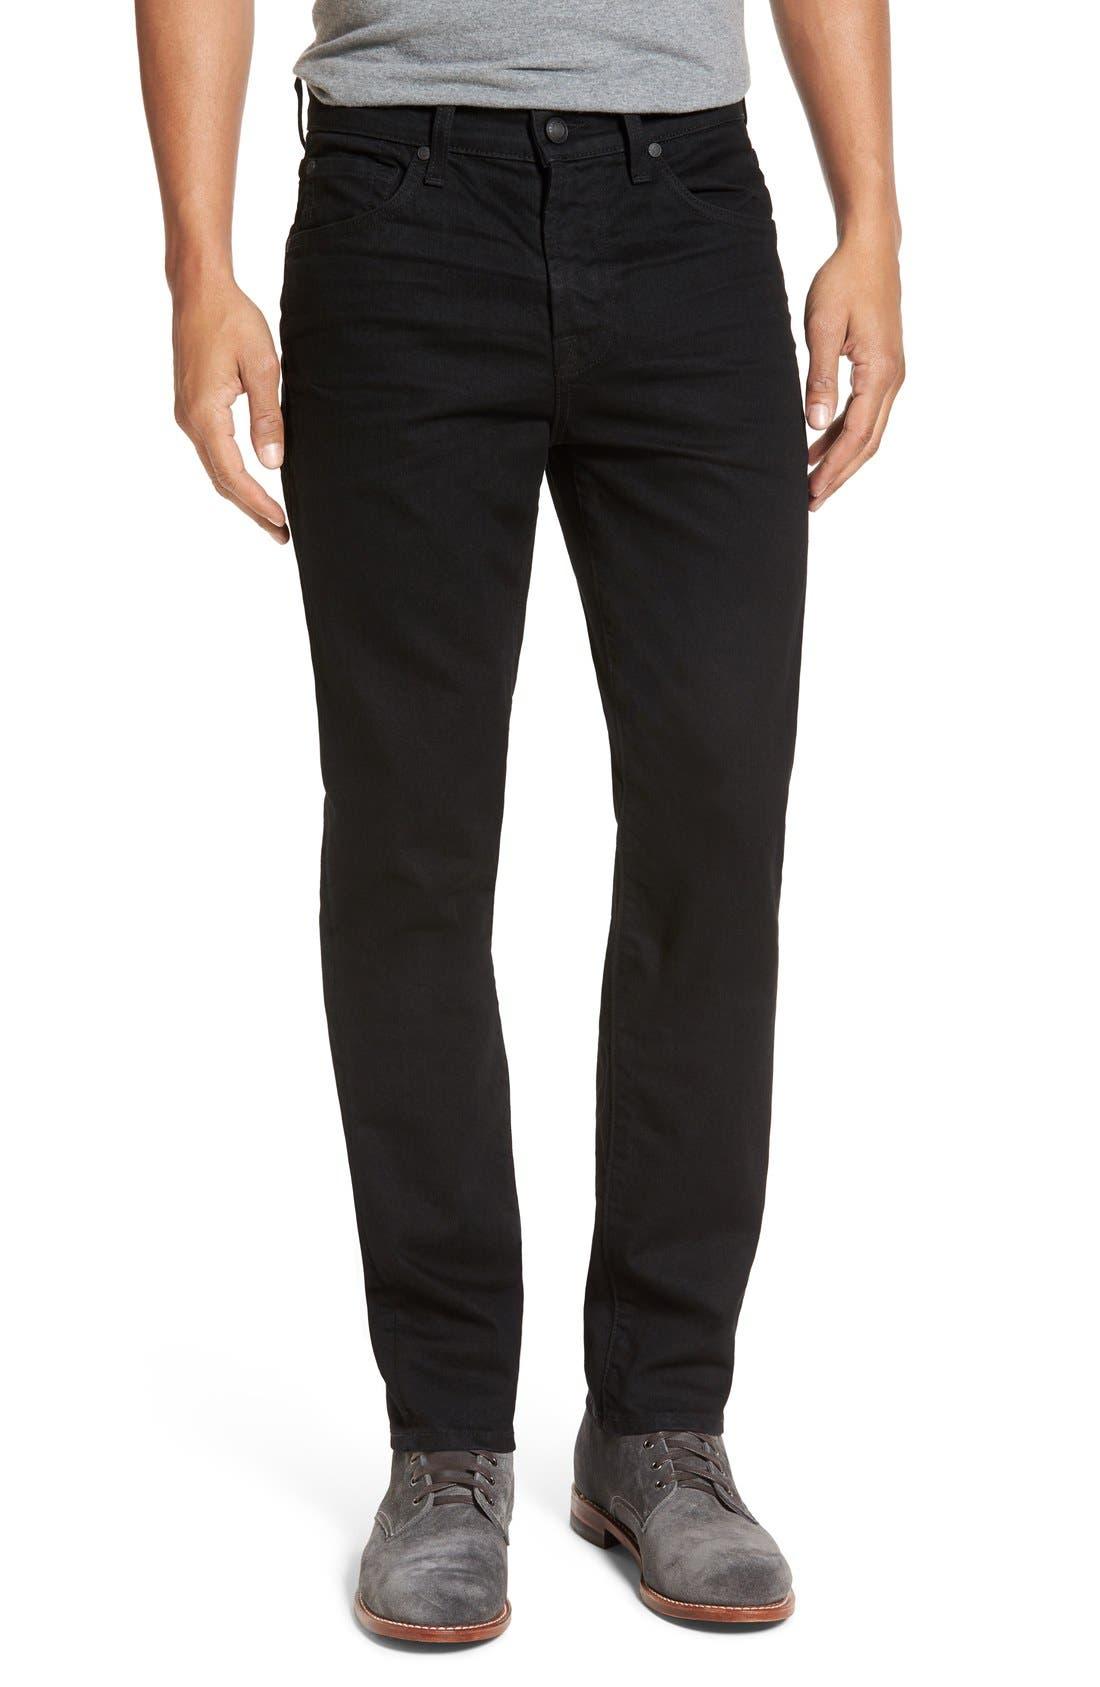 Slimmy Slim Fit Jeans,                         Main,                         color, Towne Black